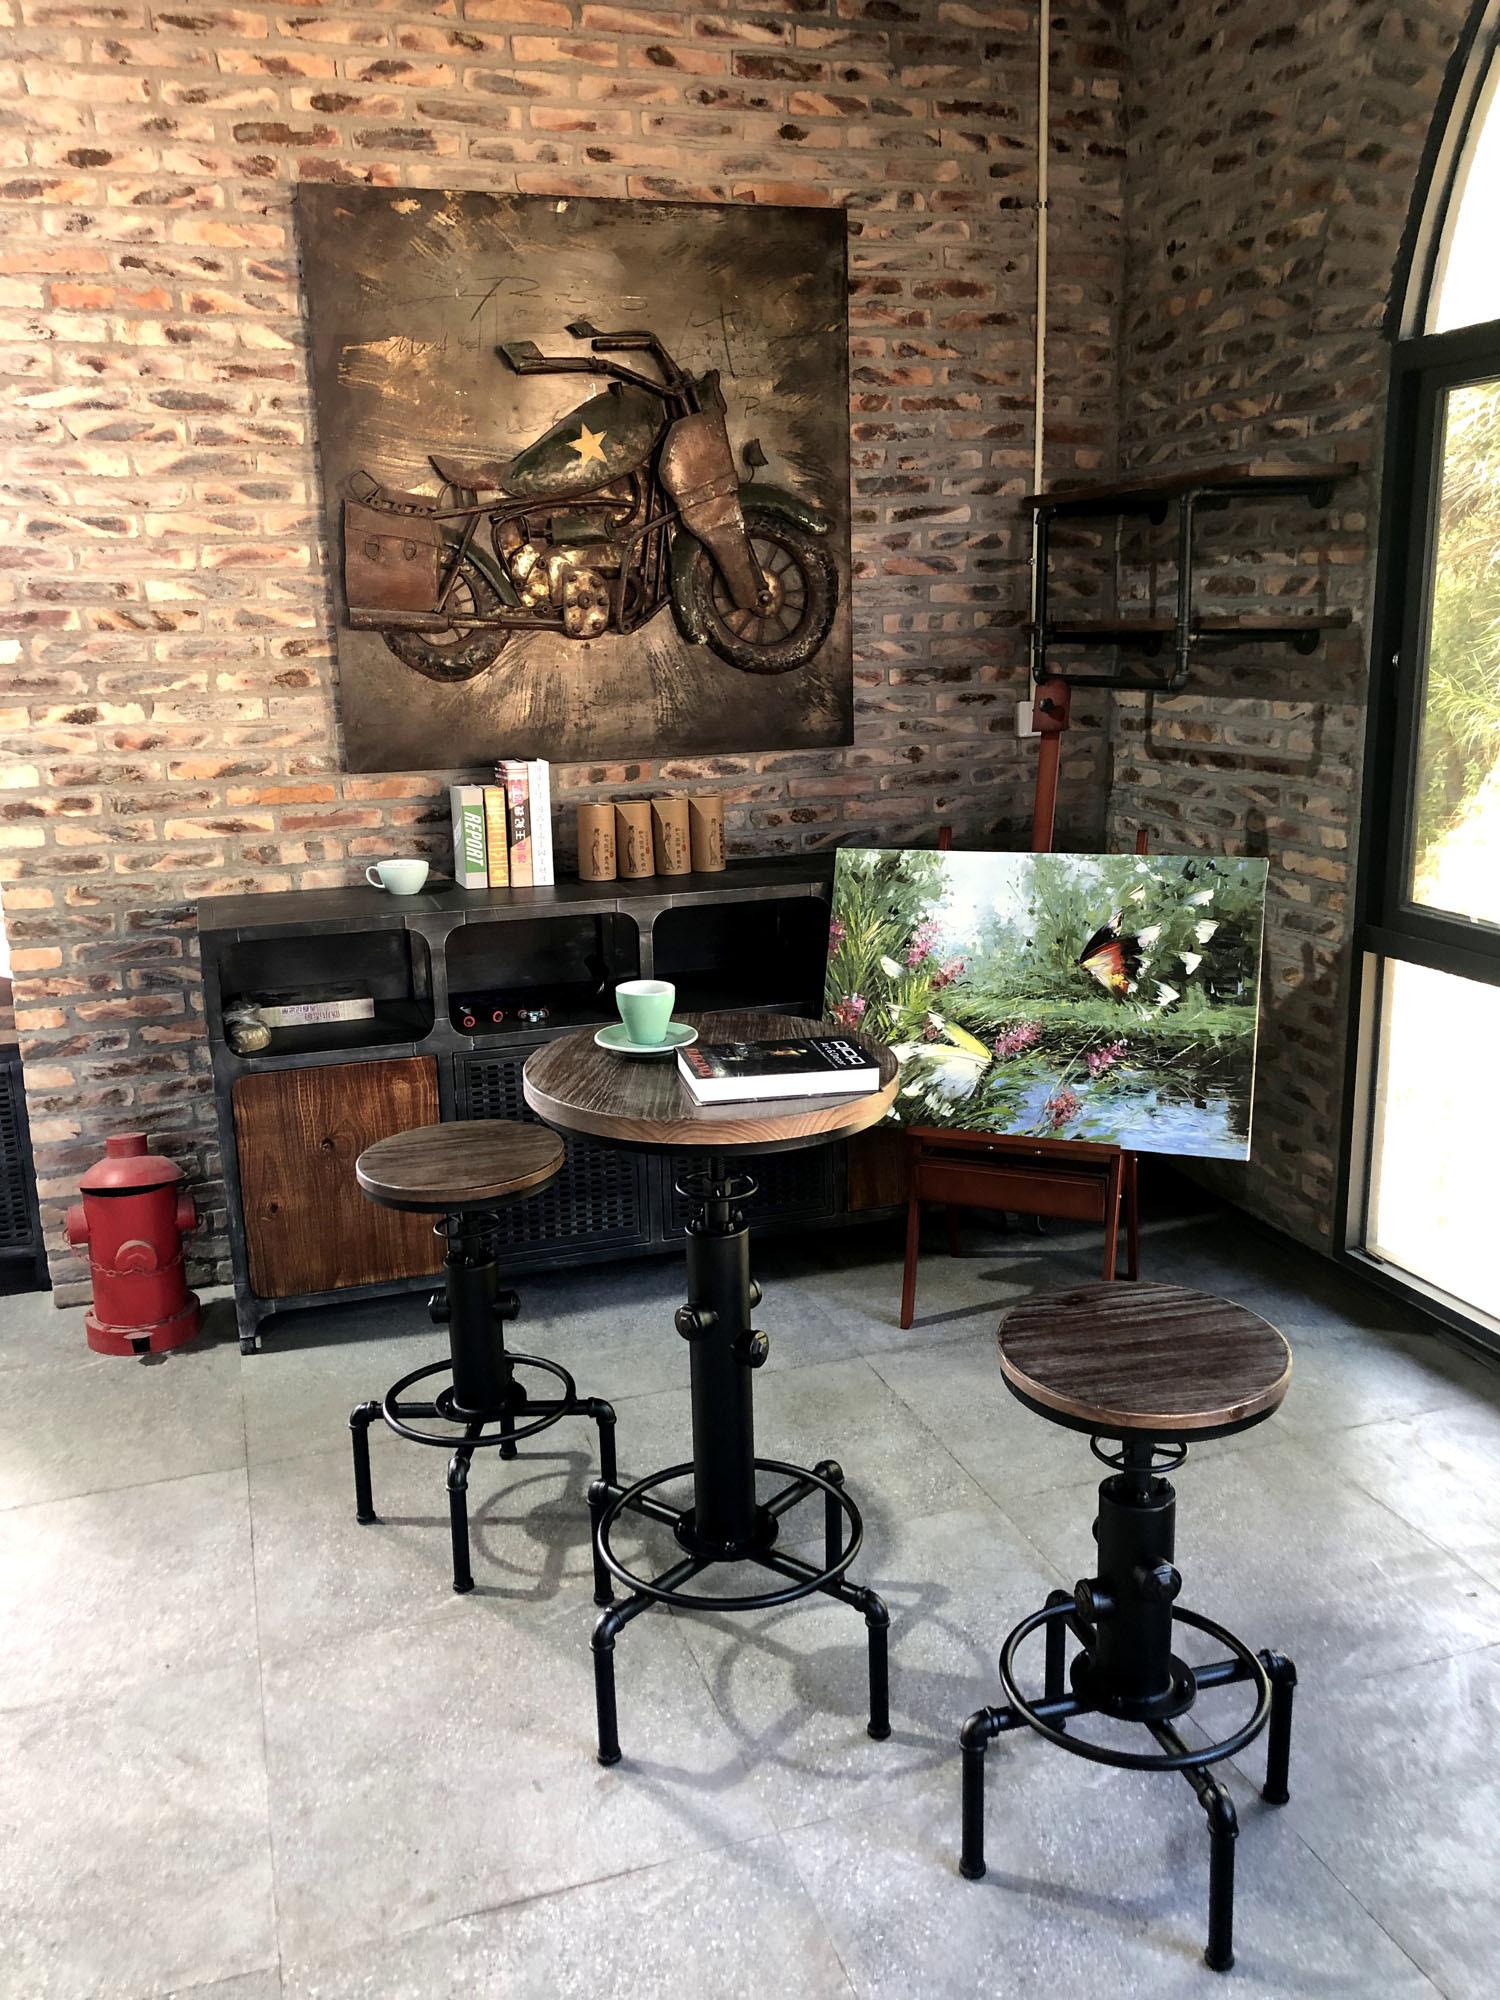 Smoky Bar Table BLK / ヴィンテージスタイル スモーキー バーテーブル / ブラック